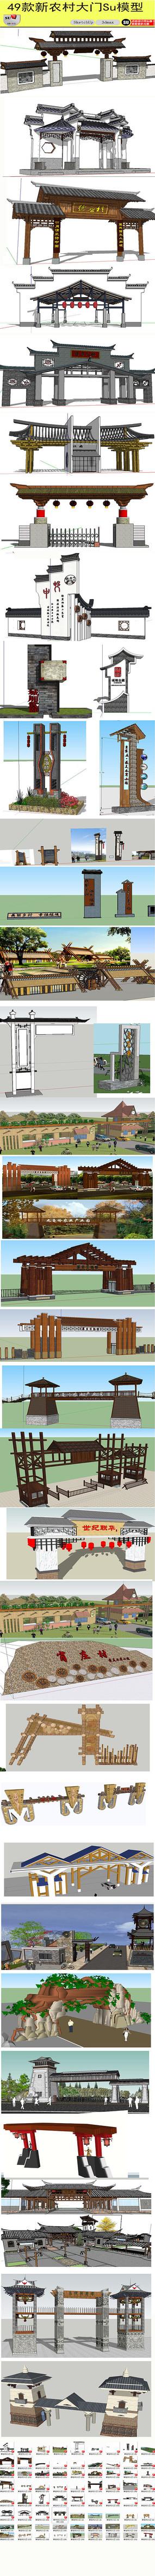 村庄房屋建筑